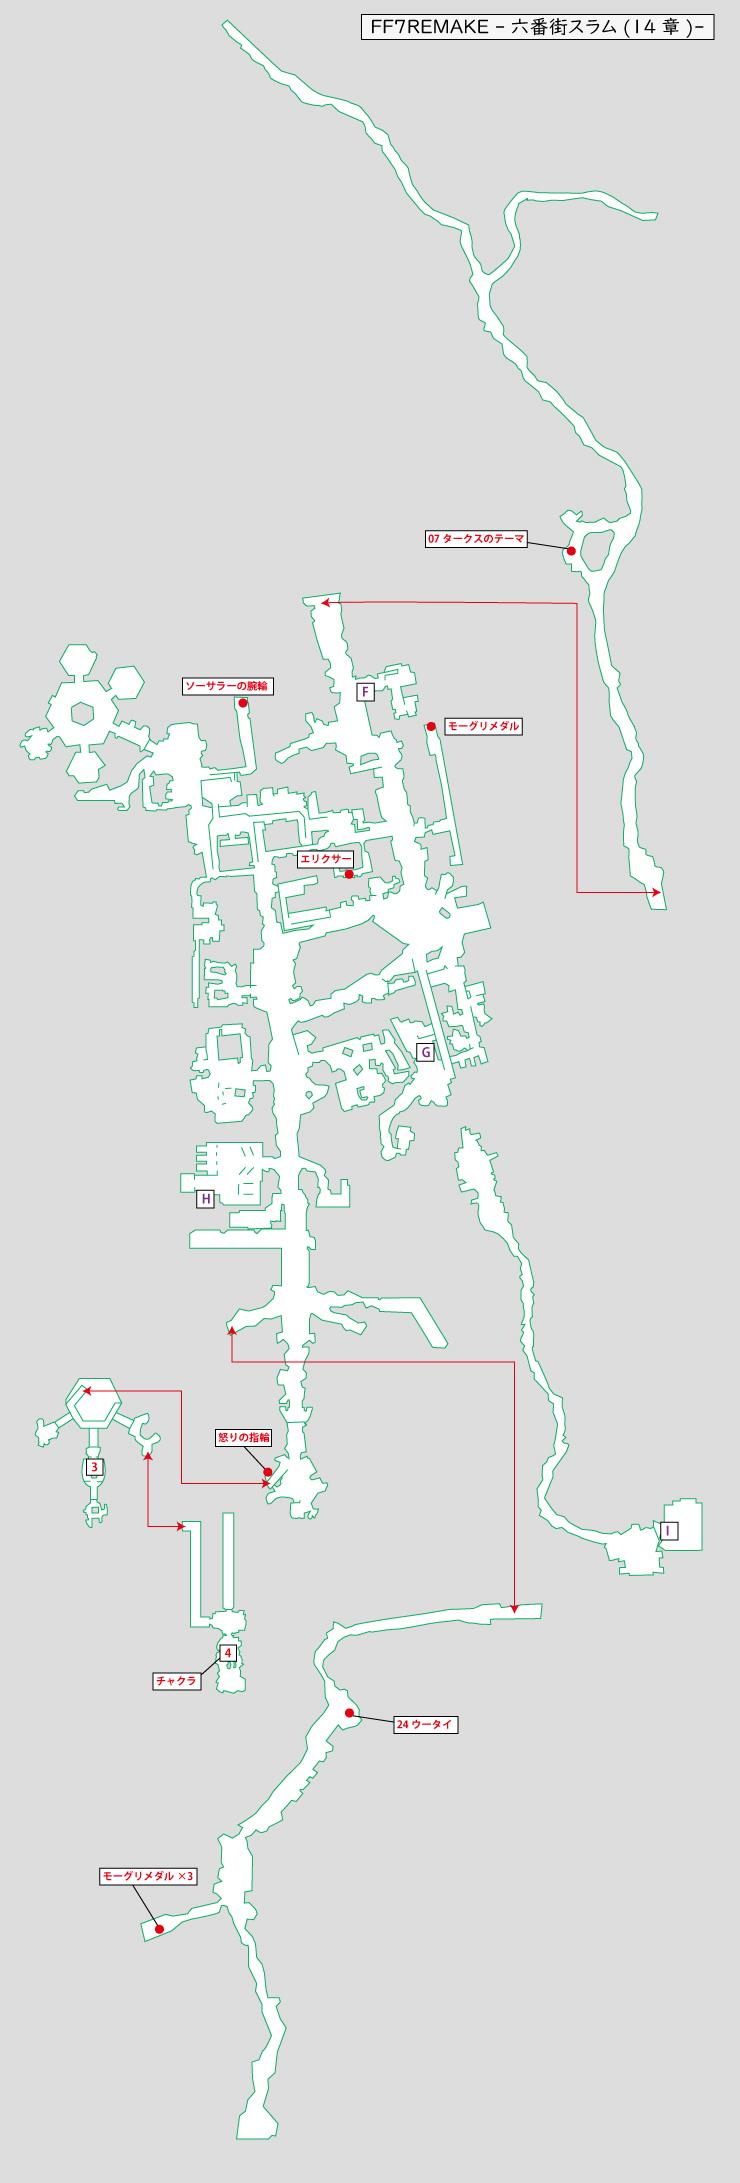 下水道 地下 Ff7 コルネオ 隠し 財産